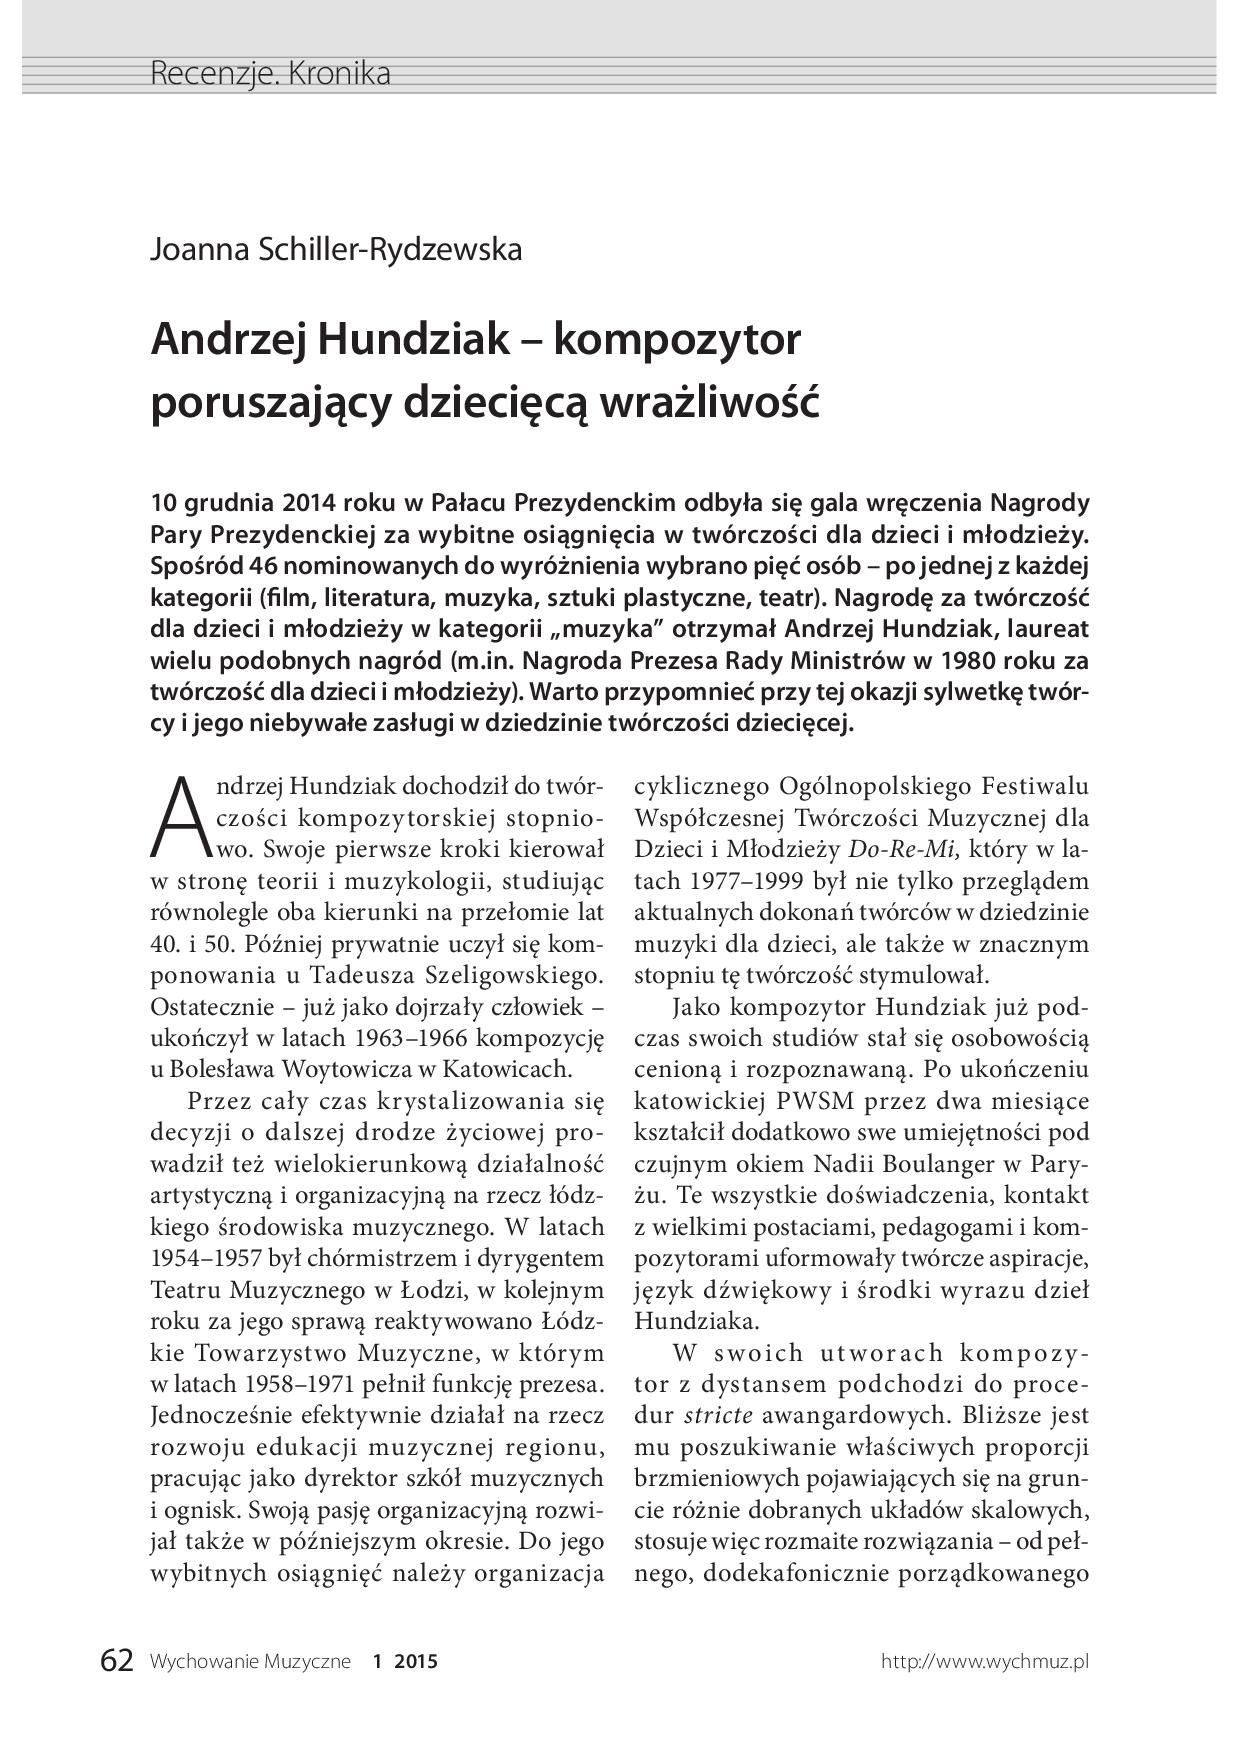 Andrzej Hundziak – kompozytor poruszający dziecięcą wrażliwość